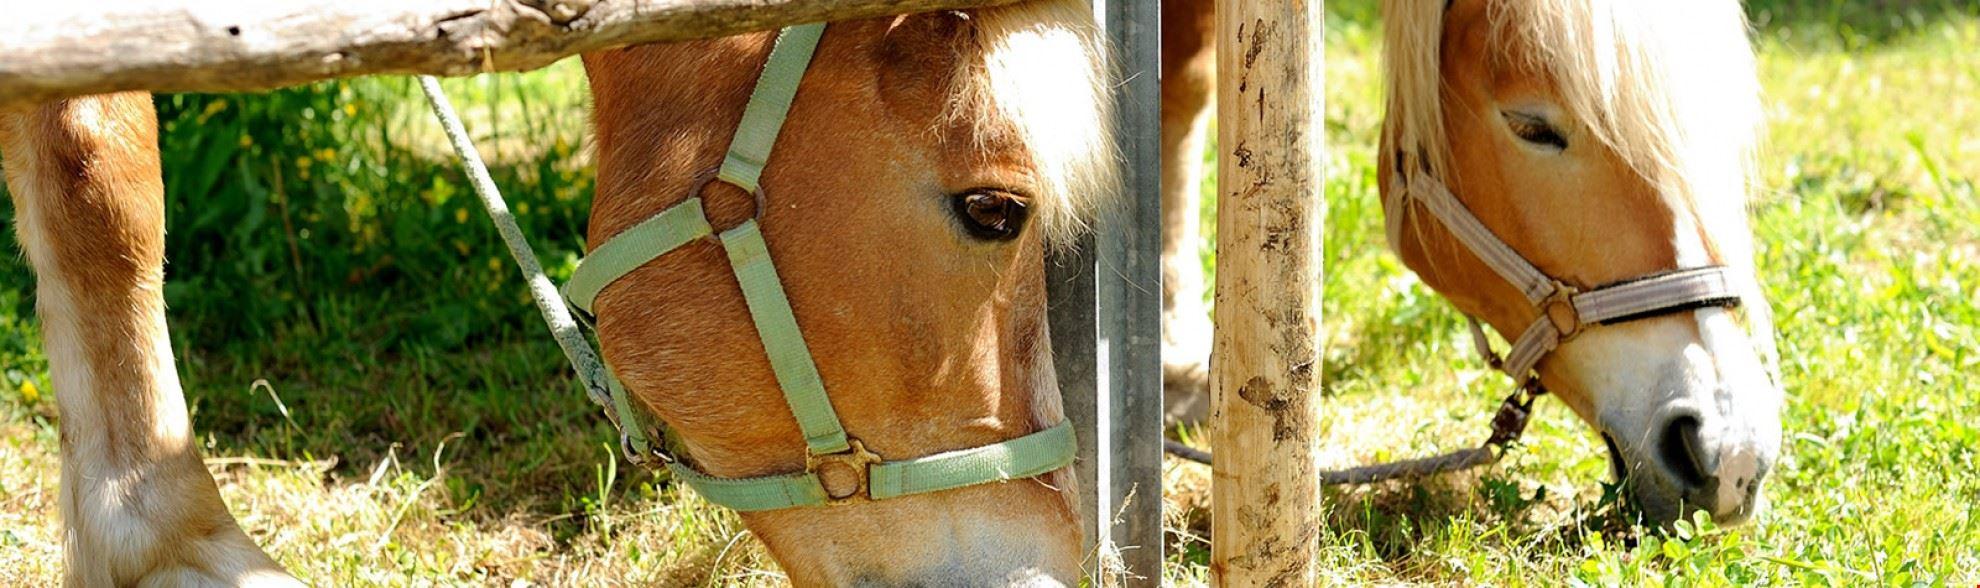 Agricampeggio con cavalli